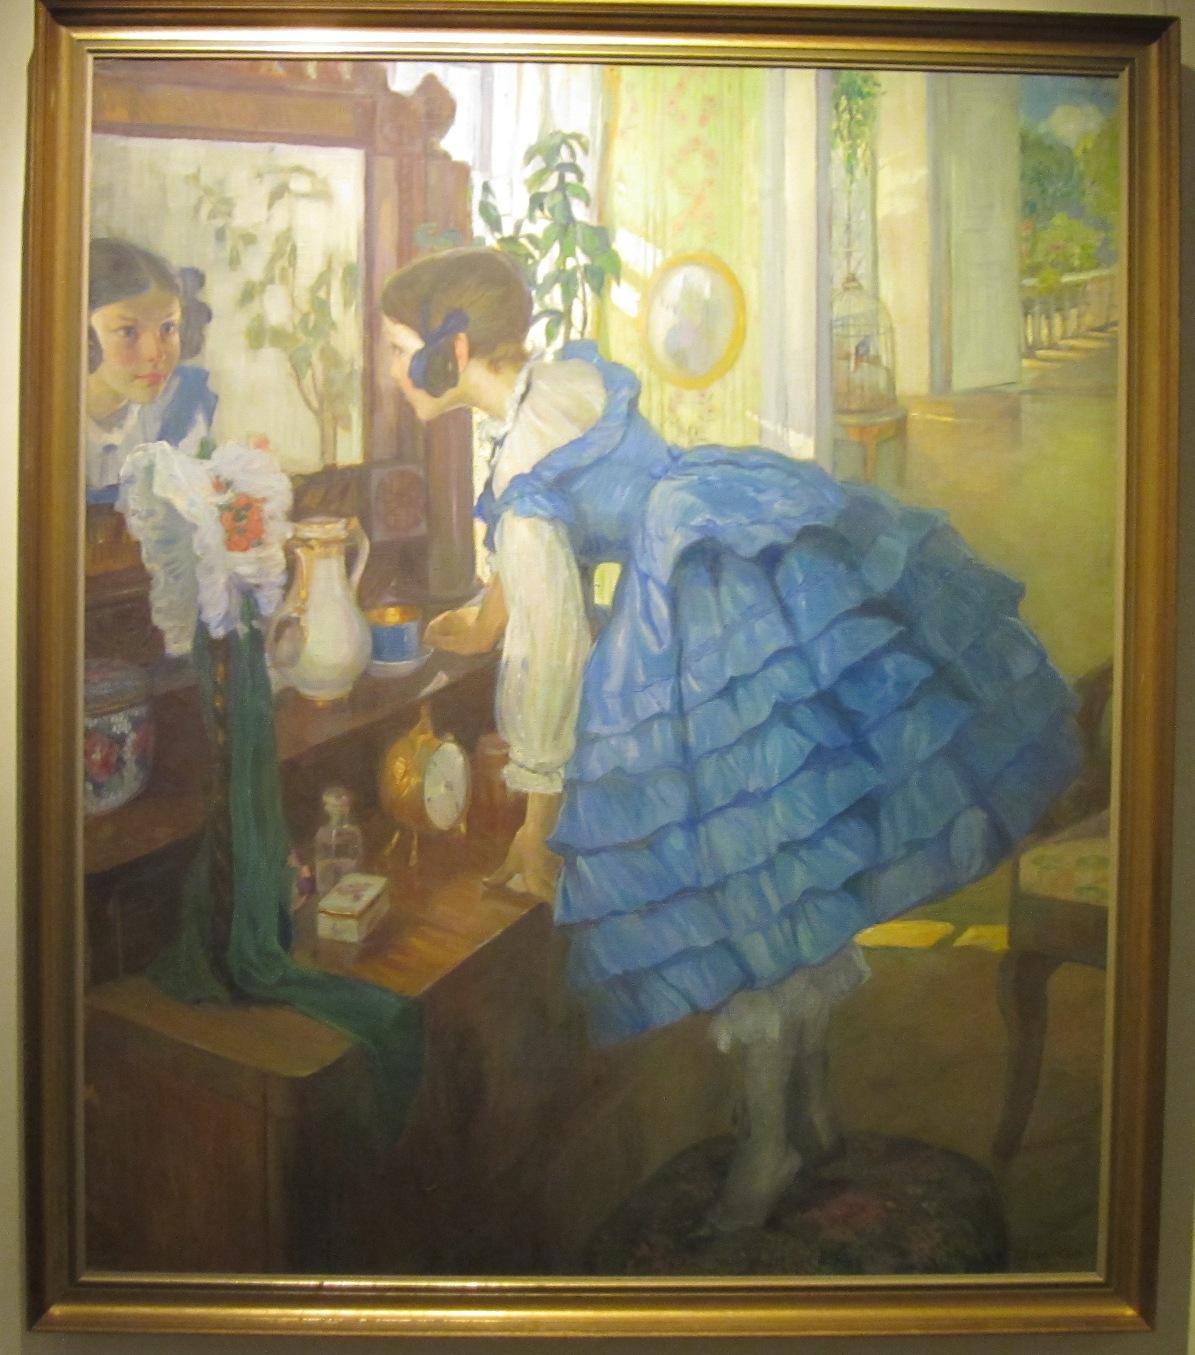 ″Маленькая женщина″, художник Ольга Делла-Вос-Кардовская Ольга (07.07.2015)